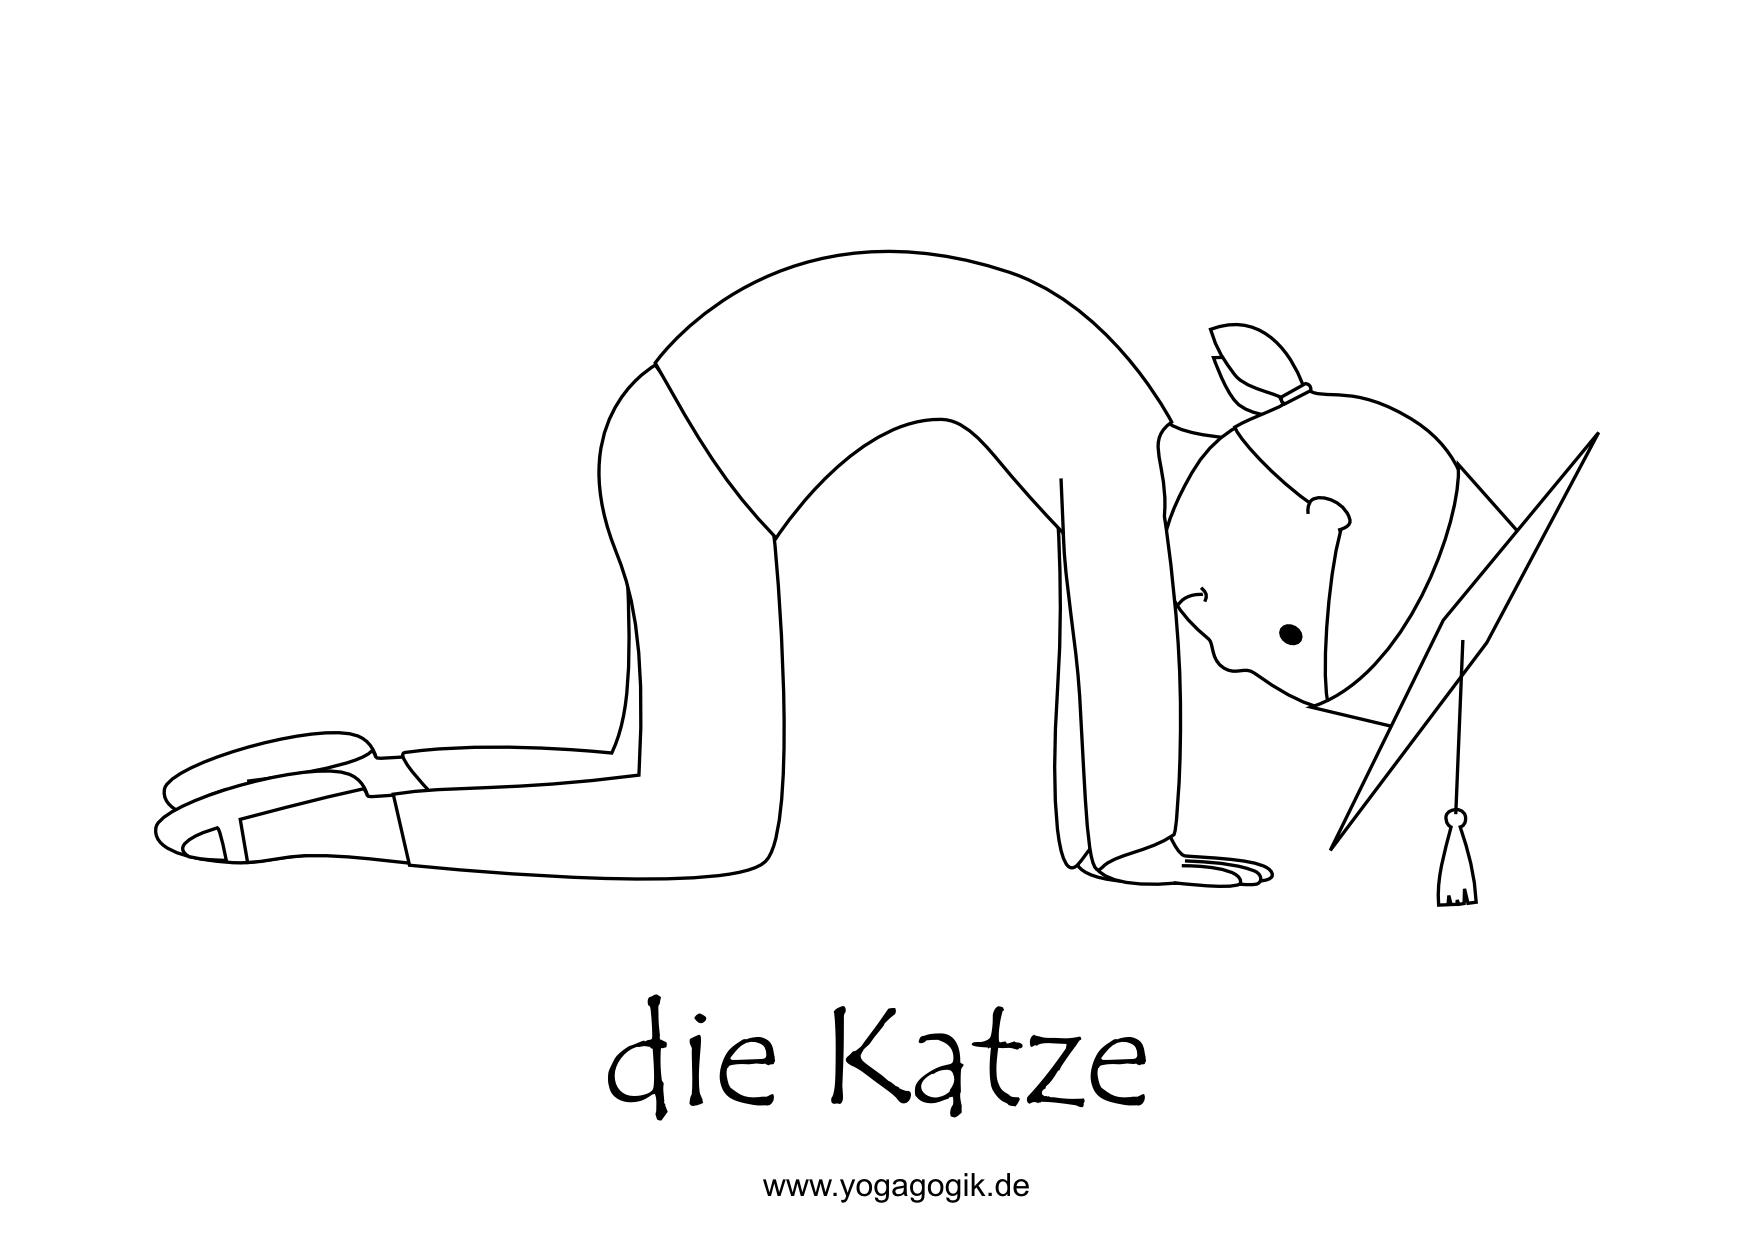 Ausmalbilder Zu Katzen : Kinderyoga Ausmalbild Katze Pinterest